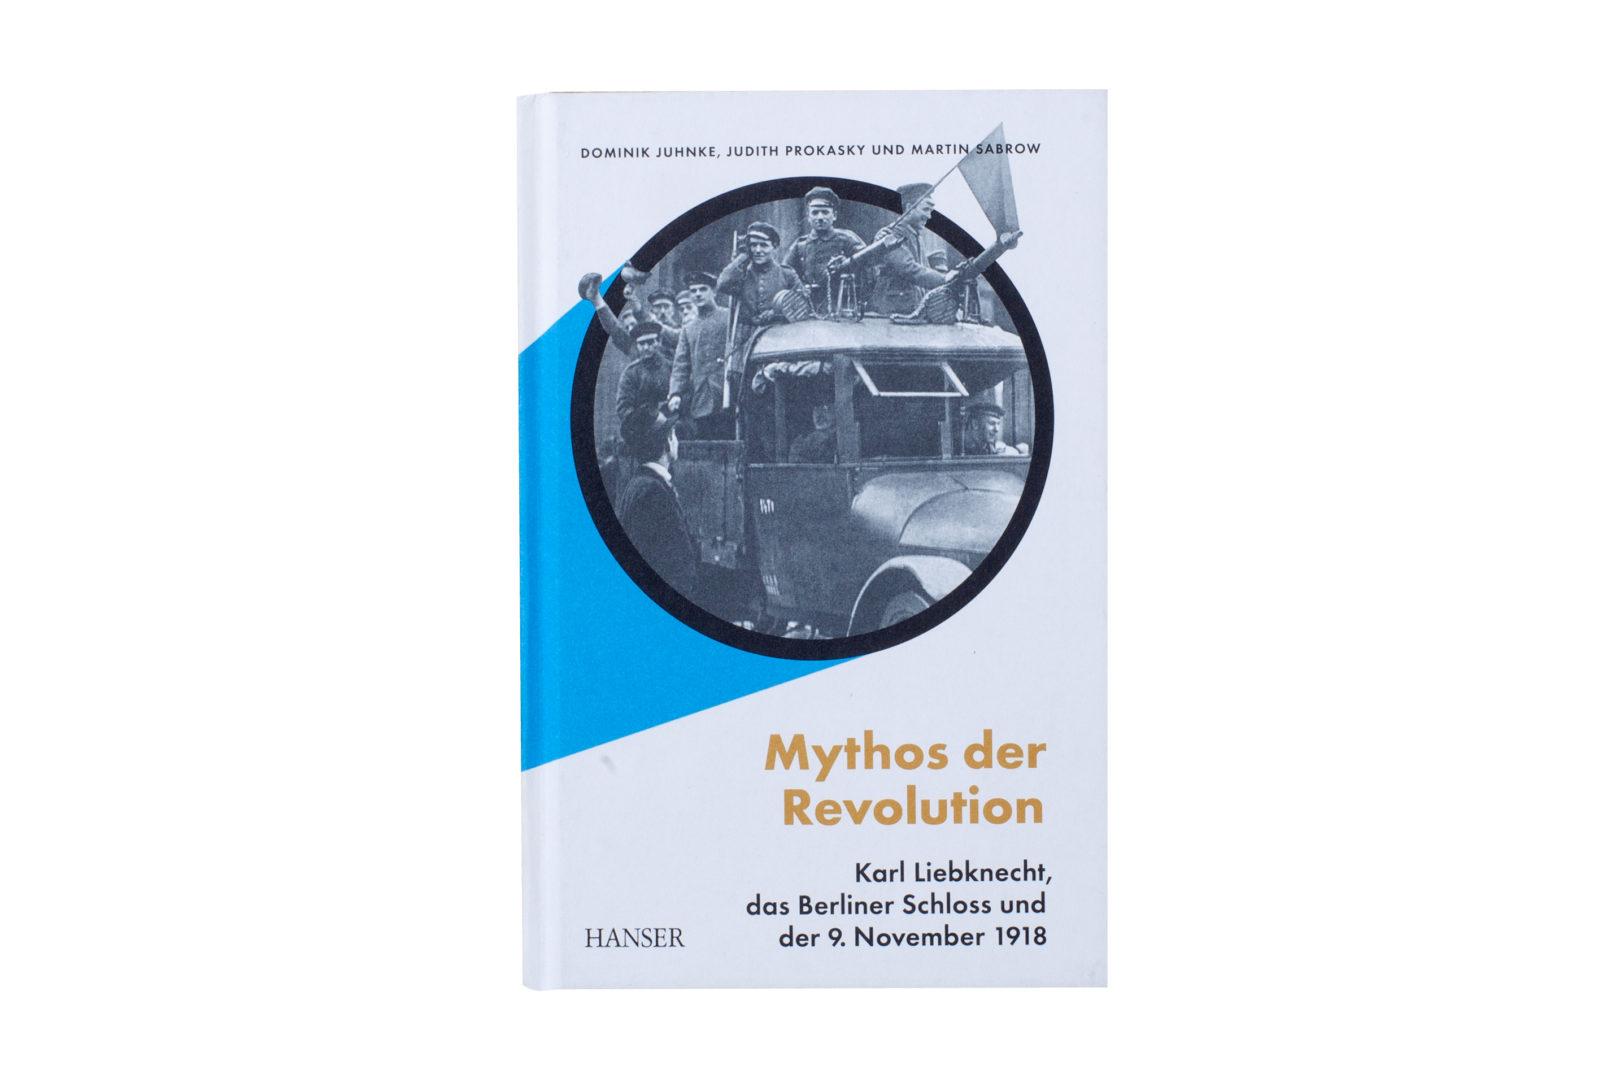 http://e-o-t.de/wordpress/wp-content/uploads/2020/06/eot-books-Mythos-1.jpg